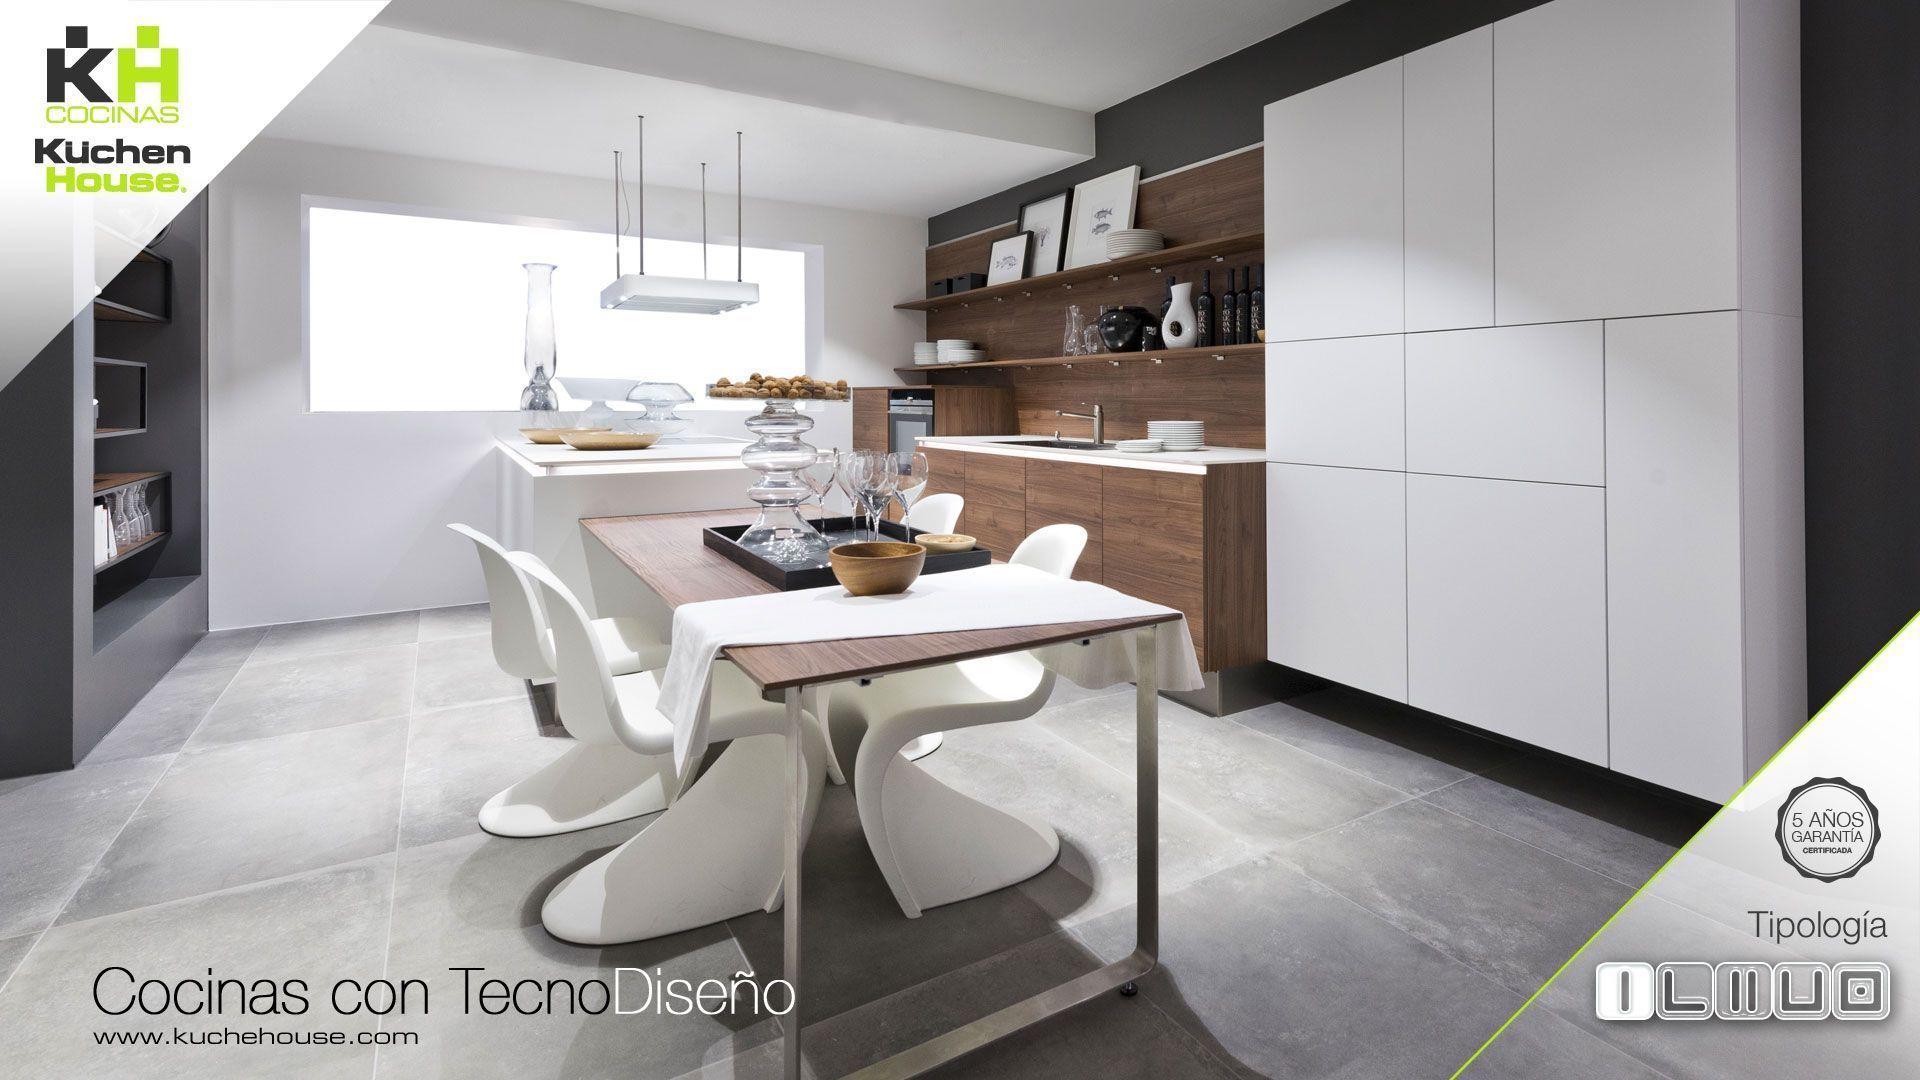 Cocina en Linea - Recta - KuchenHouse - Reformas - Armarios - Hogar